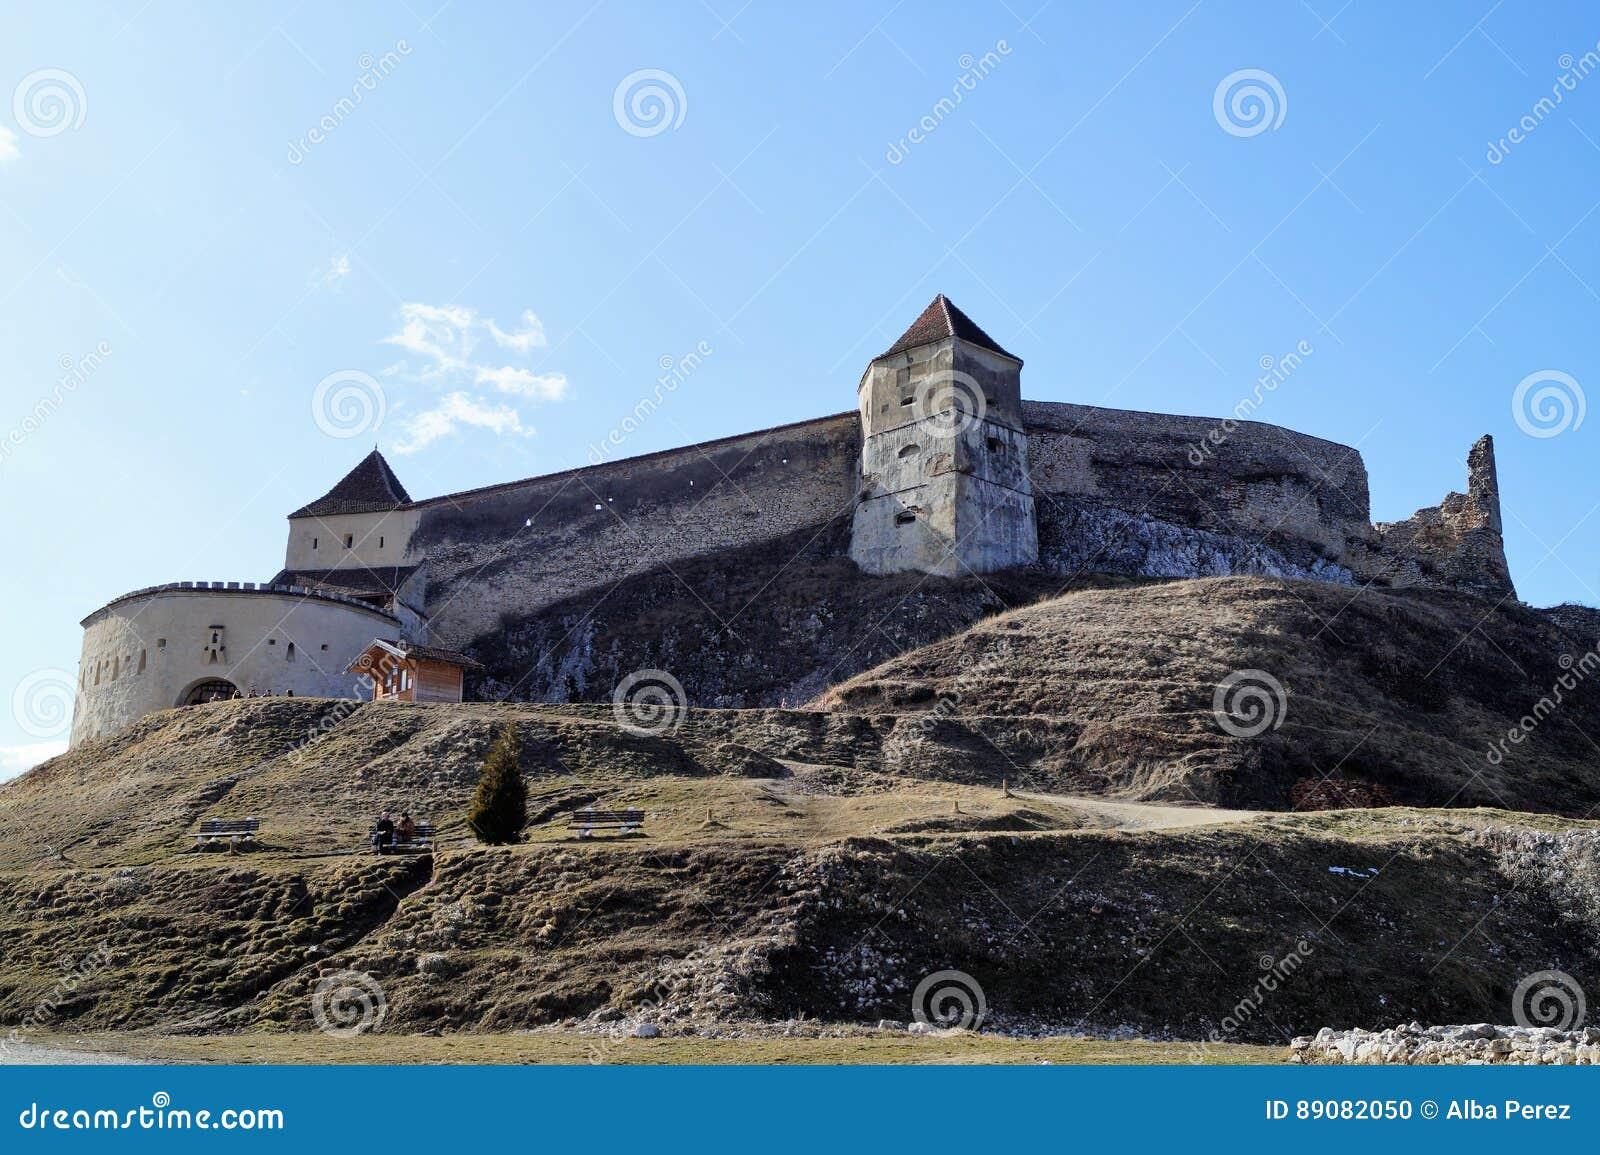 Citadel of Rasnov